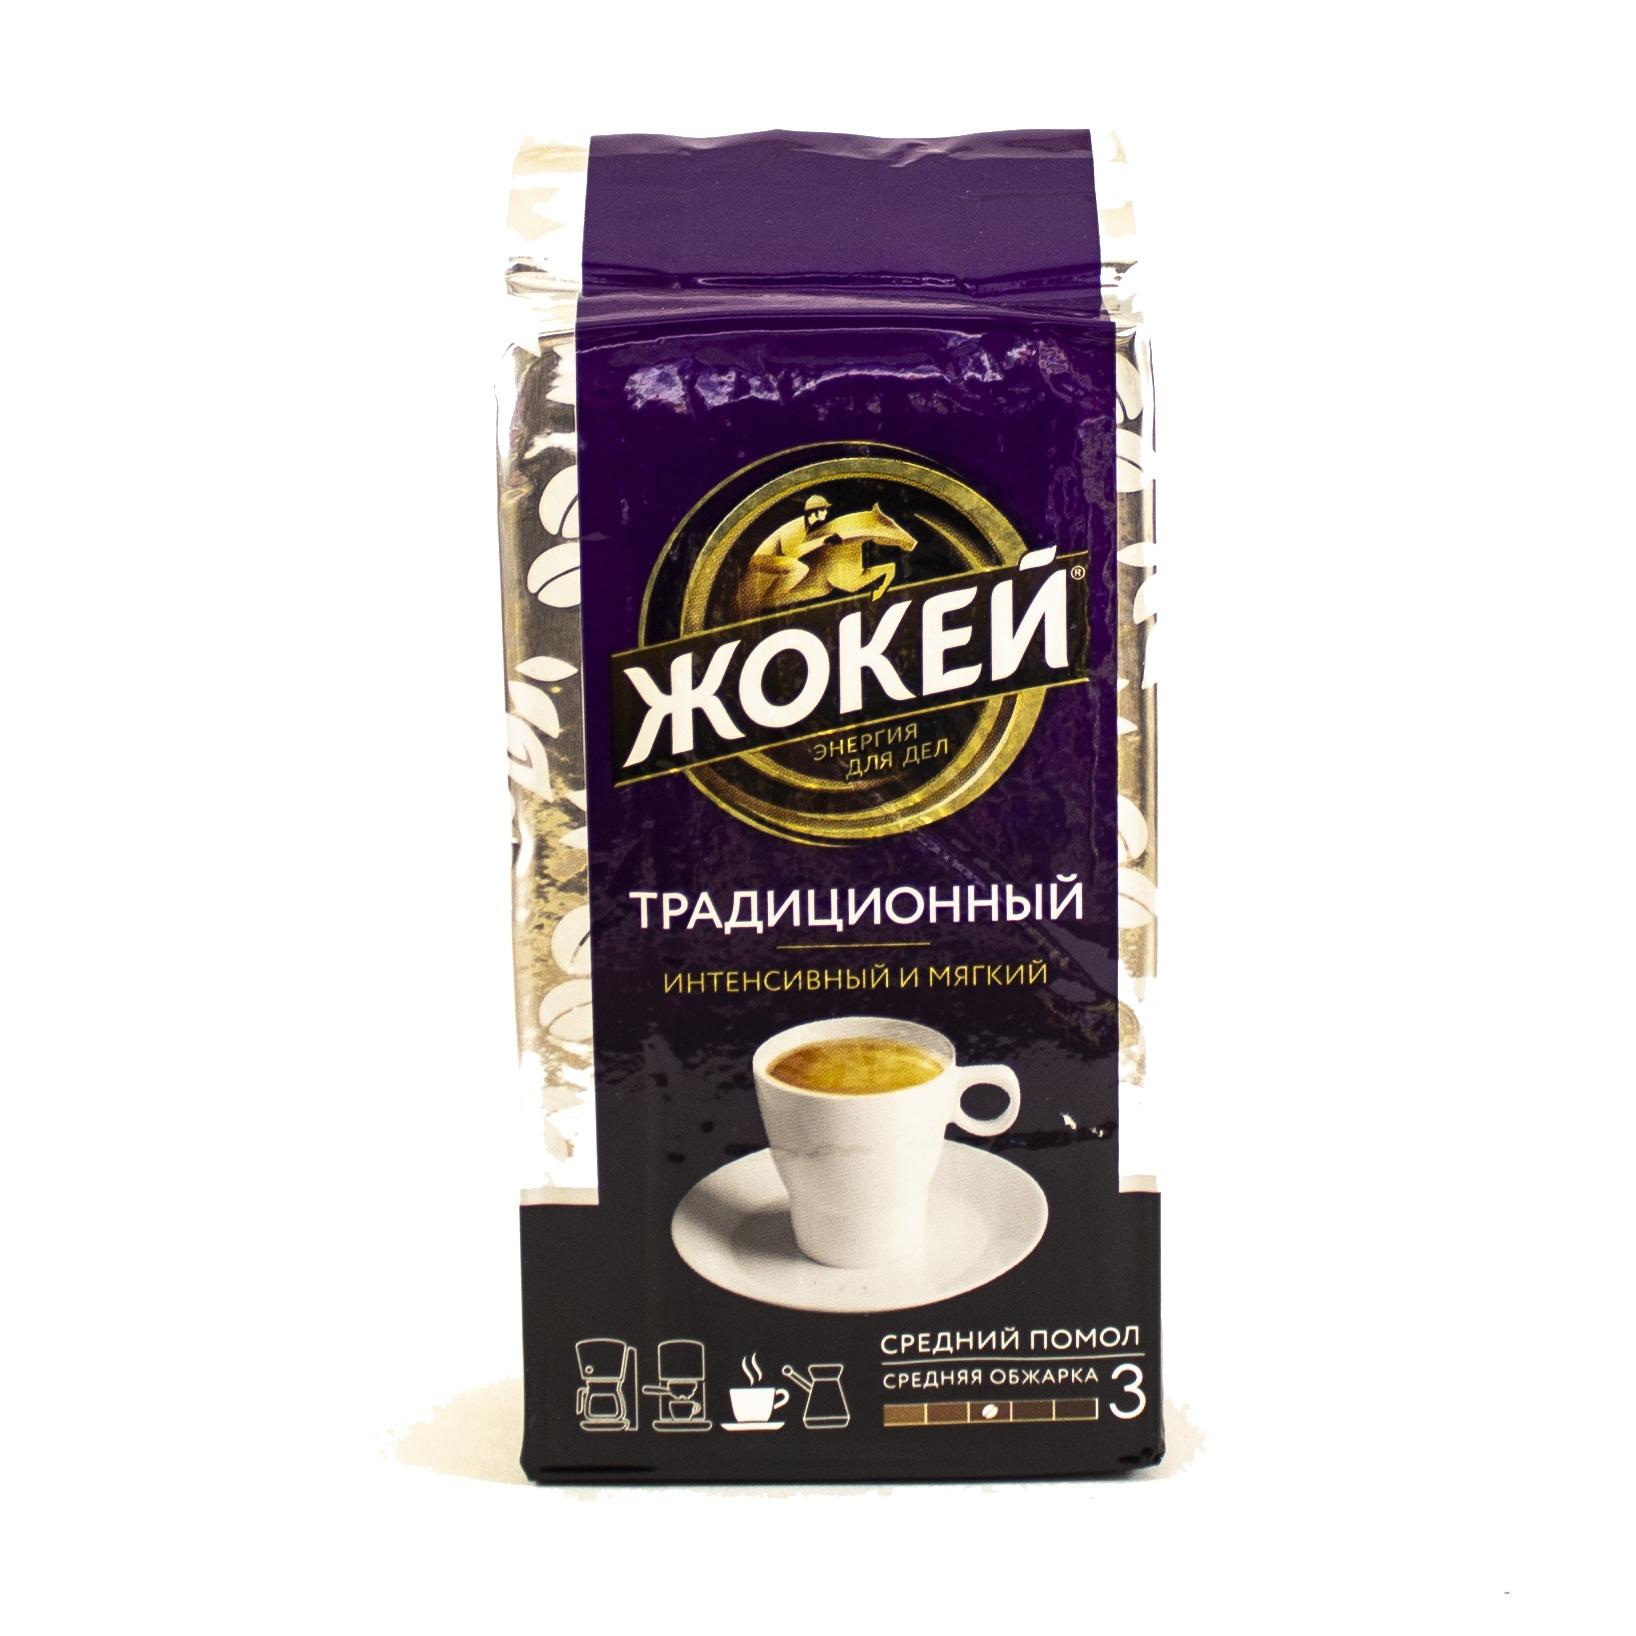 кофе жокей традиционный состав